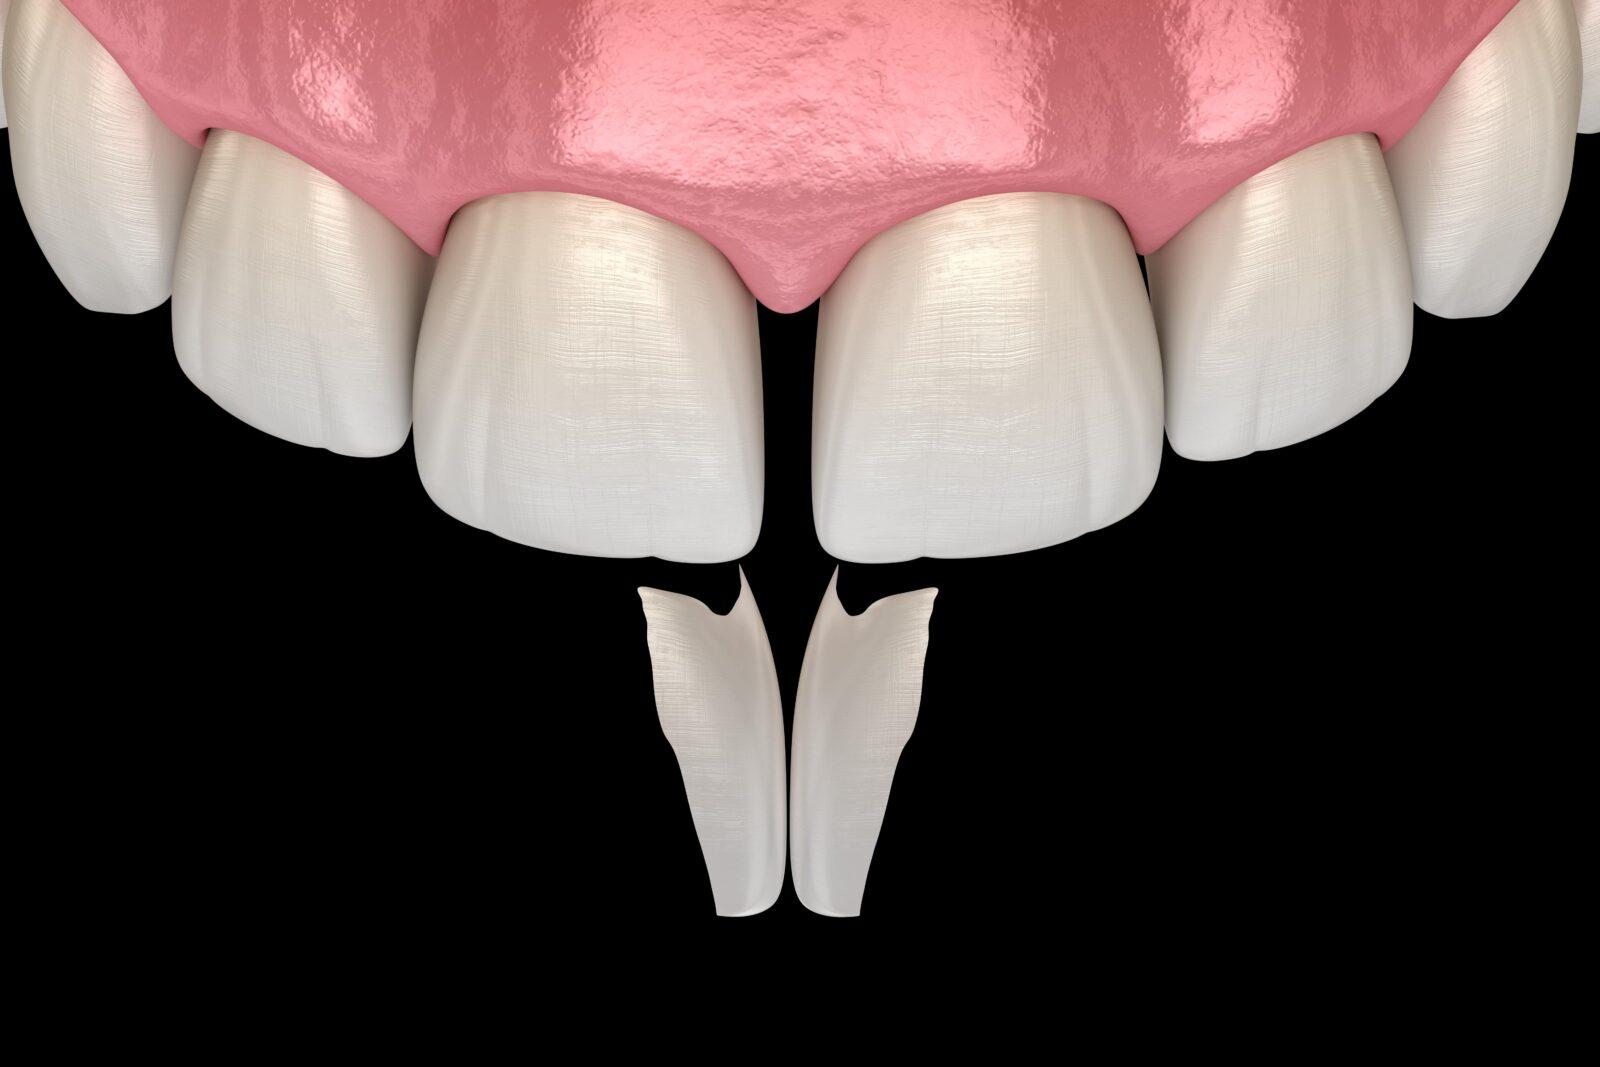 veneers removing gap between teeth